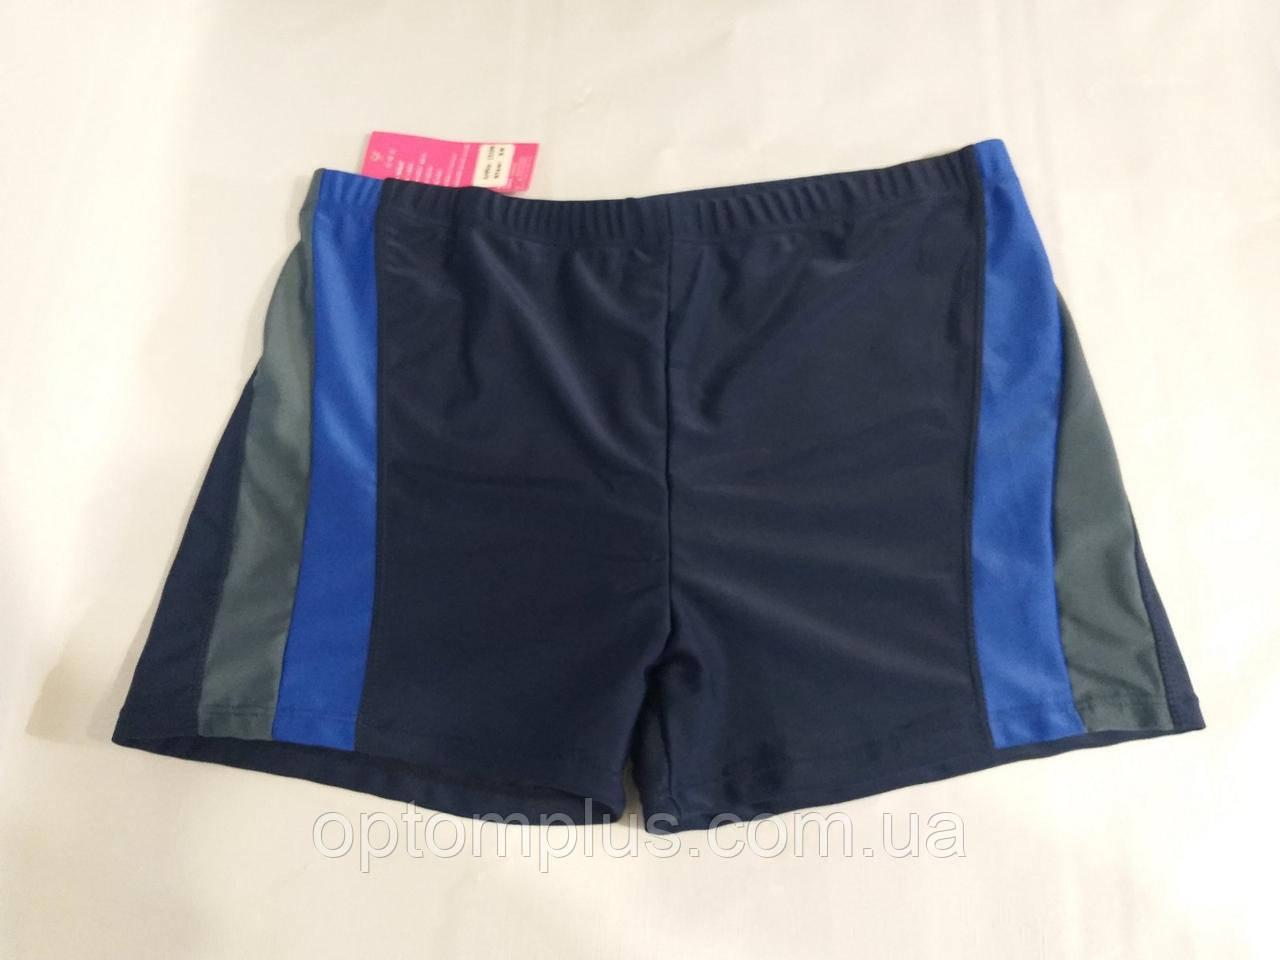 Мужские пляжные плавки батал (56-64) оптом купить от склада 7 км